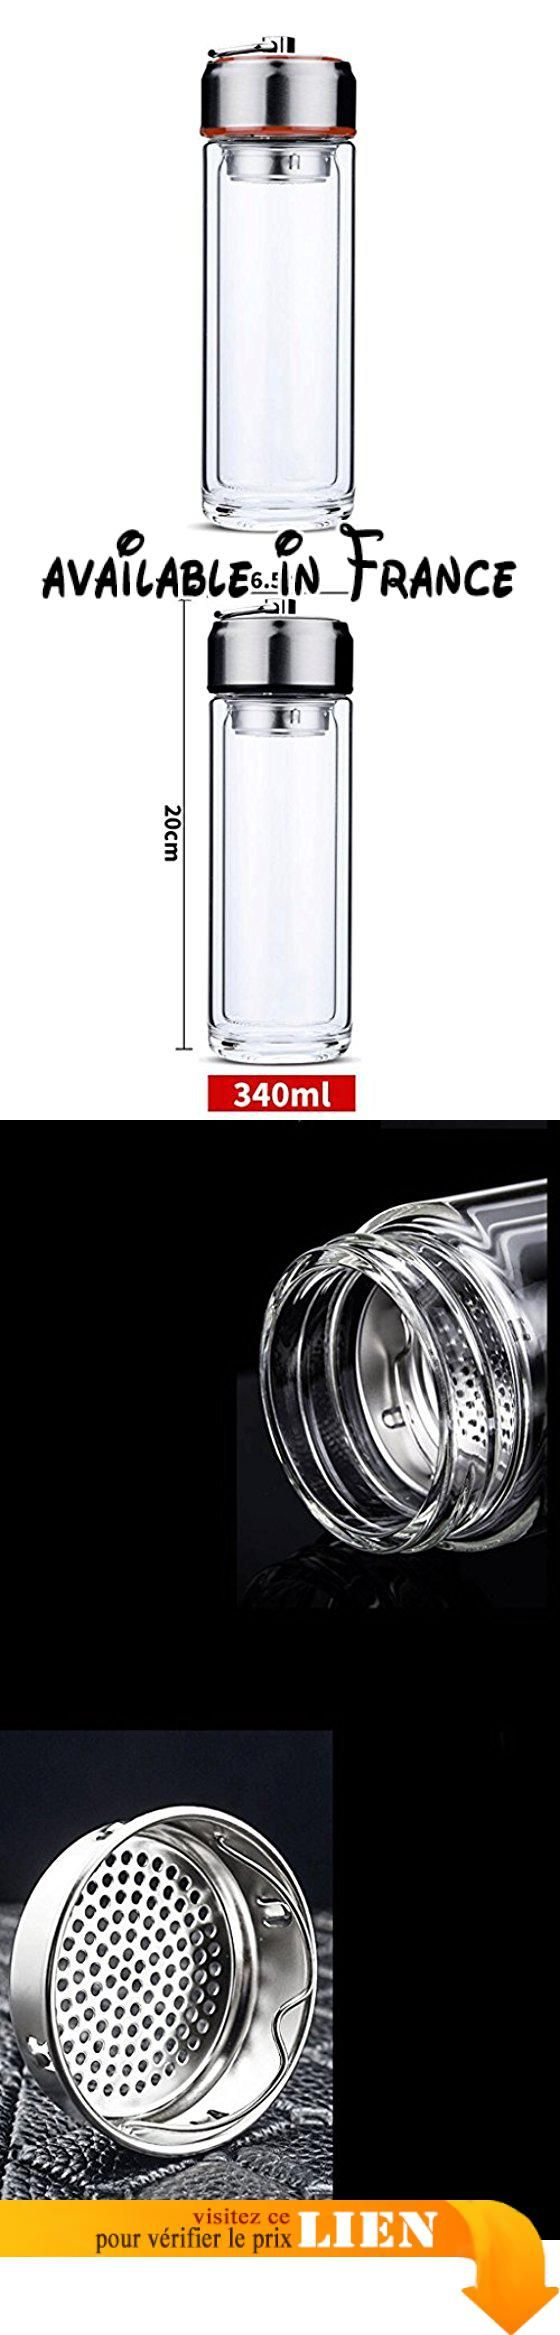 B077HSFZW3 : ZHAOJING Coupe en verre résistant à la chaleur à double couche Cupless personnalité Transparent personnalité épaissie Cup Cup isotherme pour hommes ( Couleur : Rouge ). Conception de tasse épaisse d'arc lèvre adaptée conception de bague intérieure de silicone de catégorie comestible bonne étanchéité aucune fuite. Conception de base creuse épaisse pour améliorer le sens de la dureté et la conception du verre solide antidérapant endroit